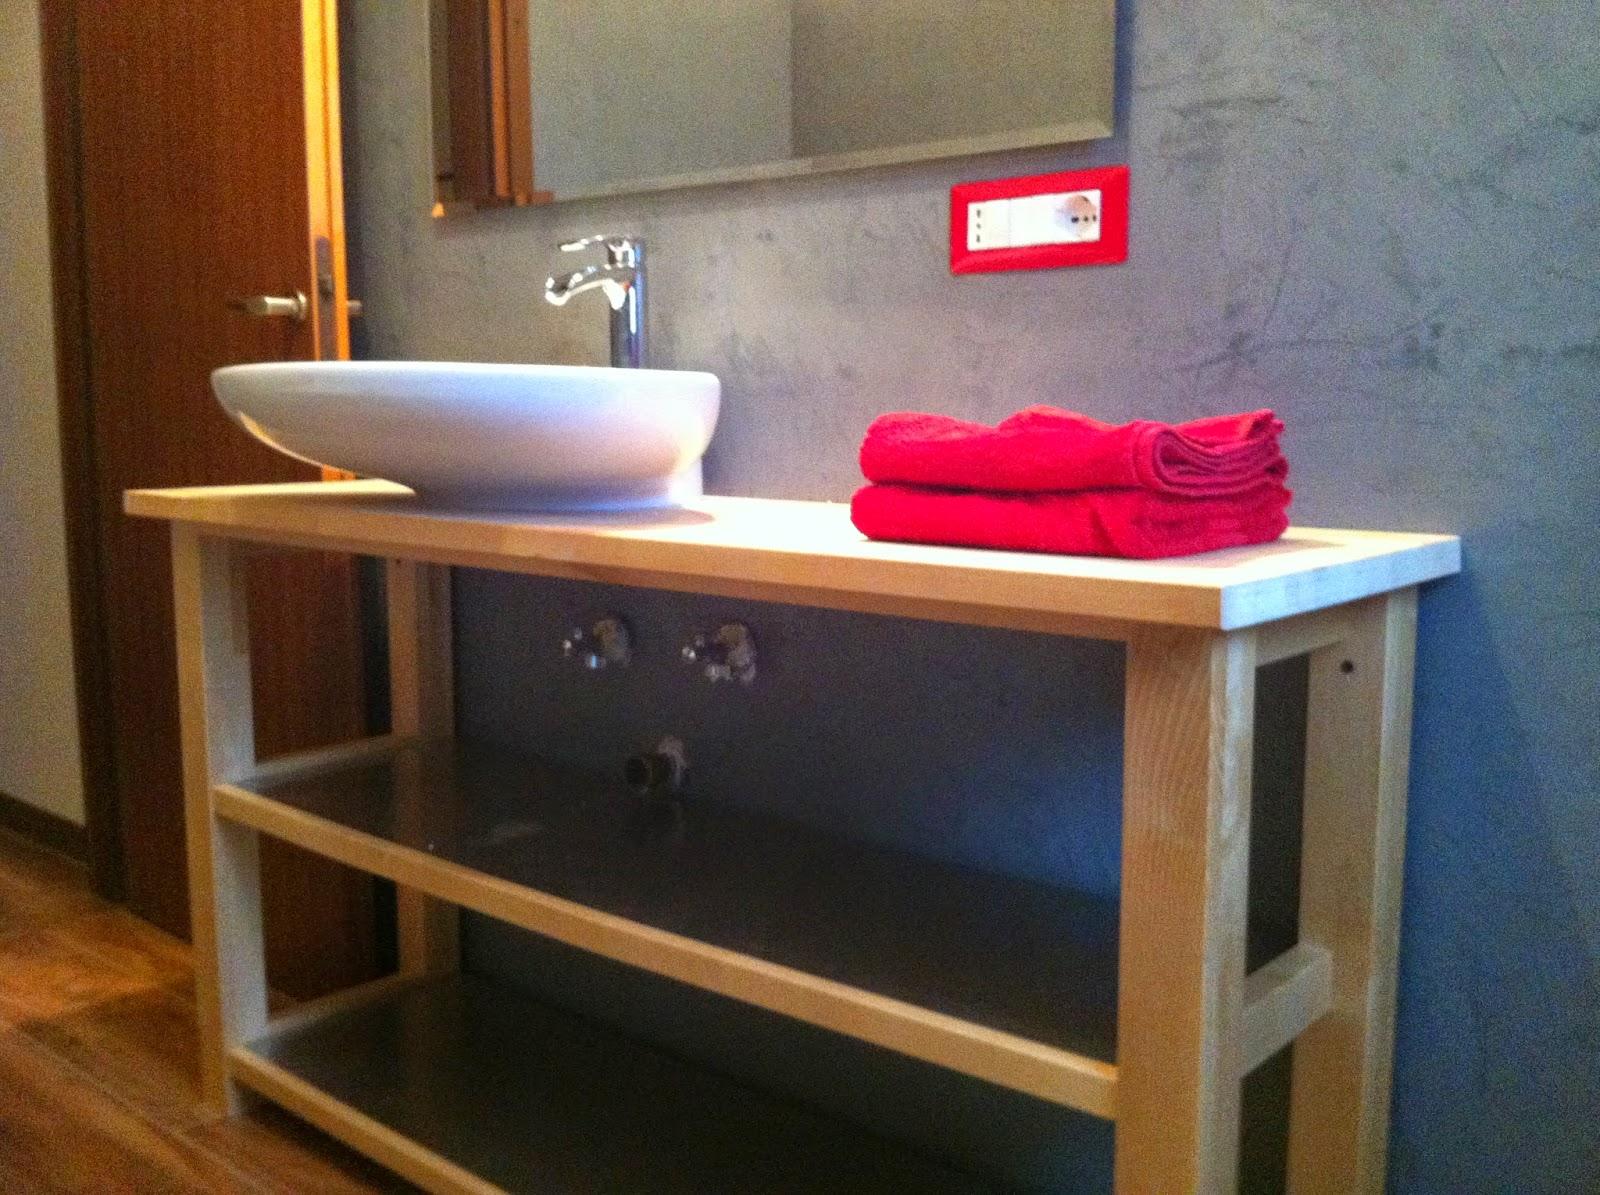 Le cose di bibbi coprire le piastrelle del bagno - Smalti idrorepellenti per bagno ...